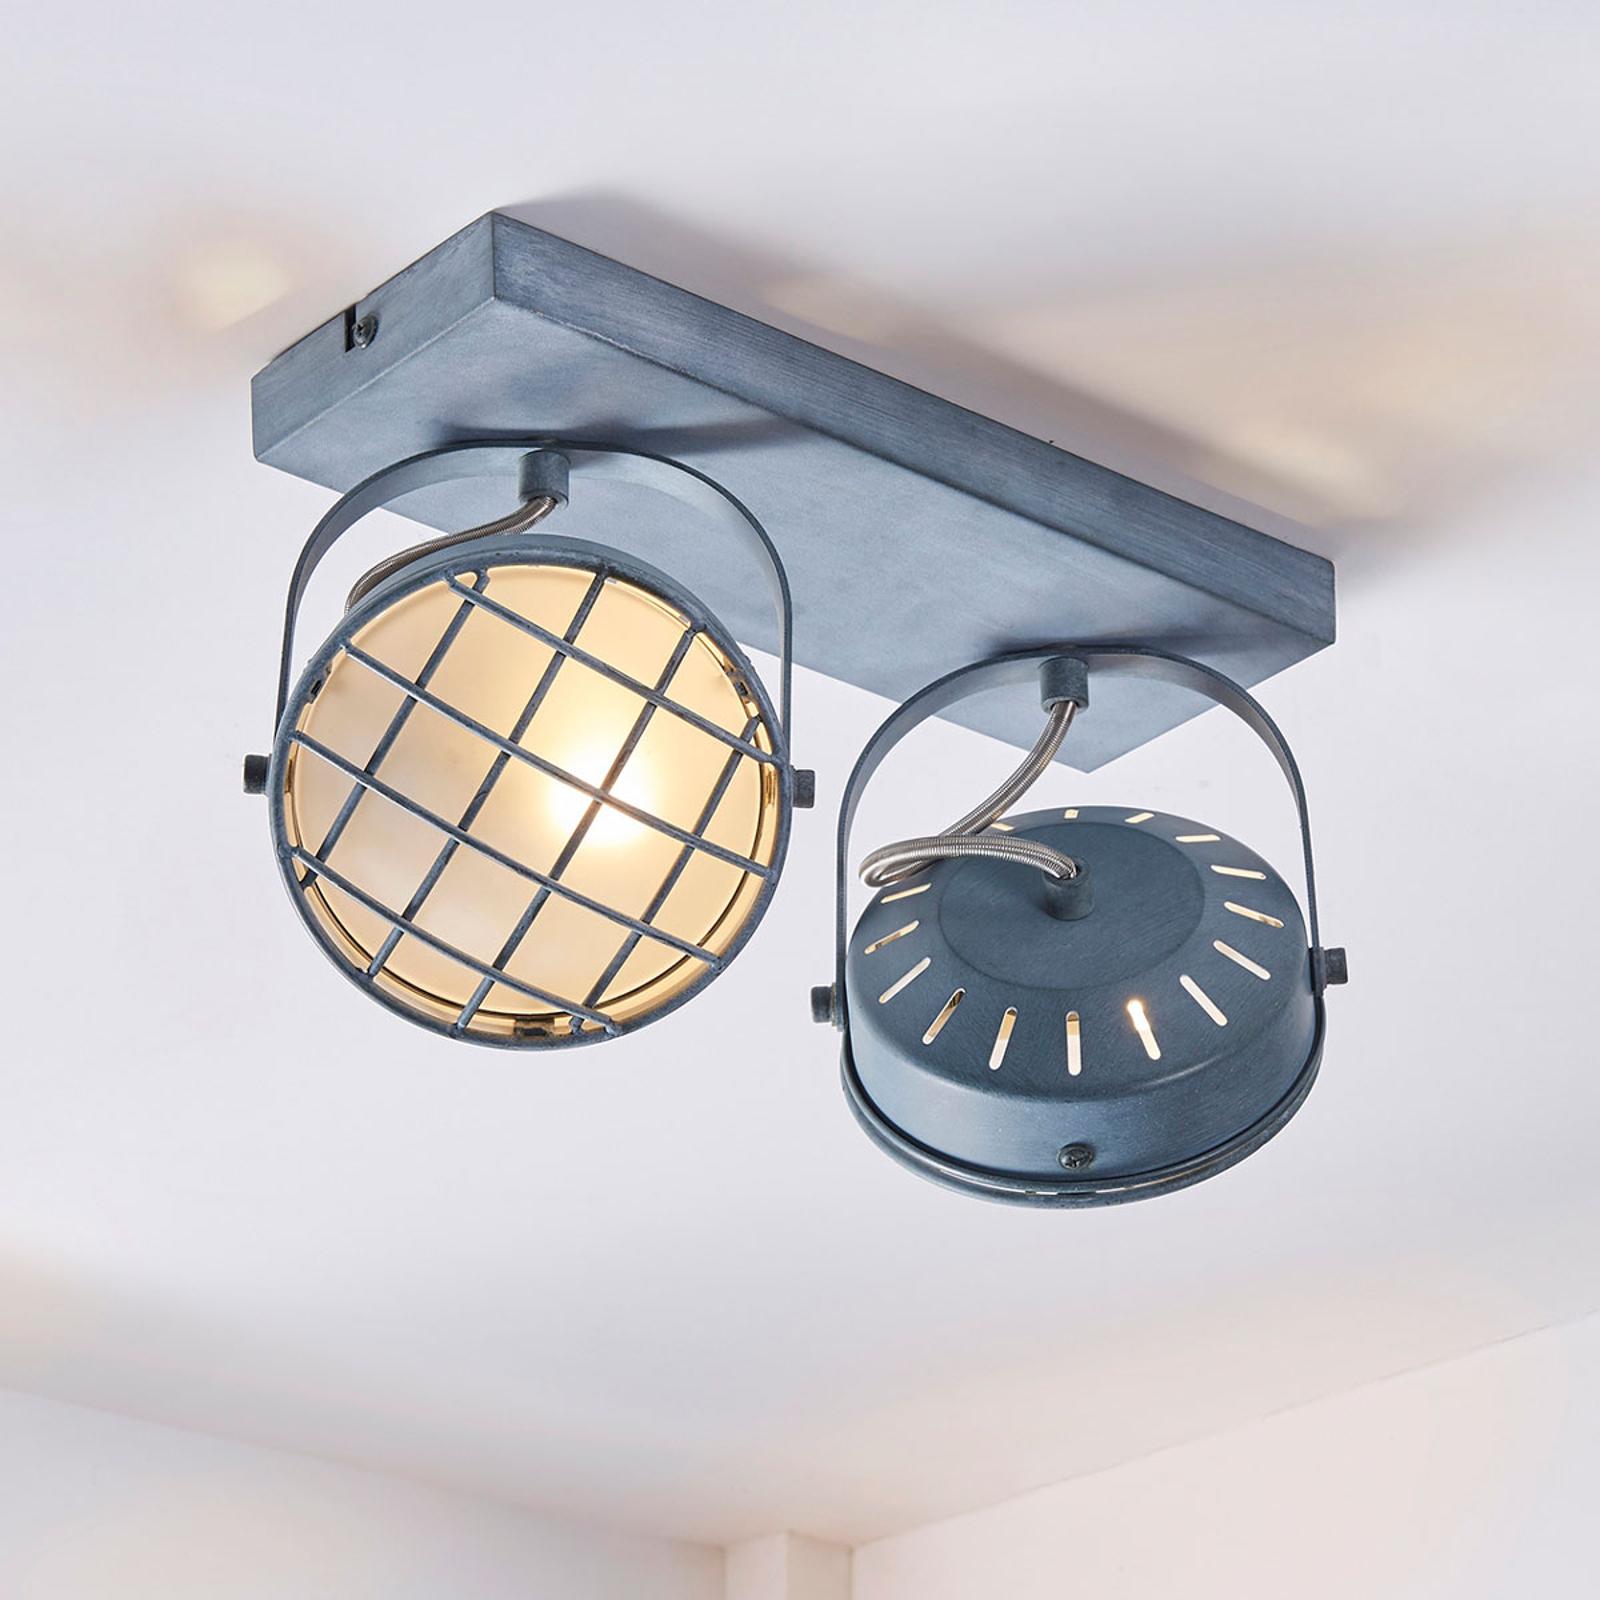 2-punktowa lampa sufitowa LED Tamin, szary dymny